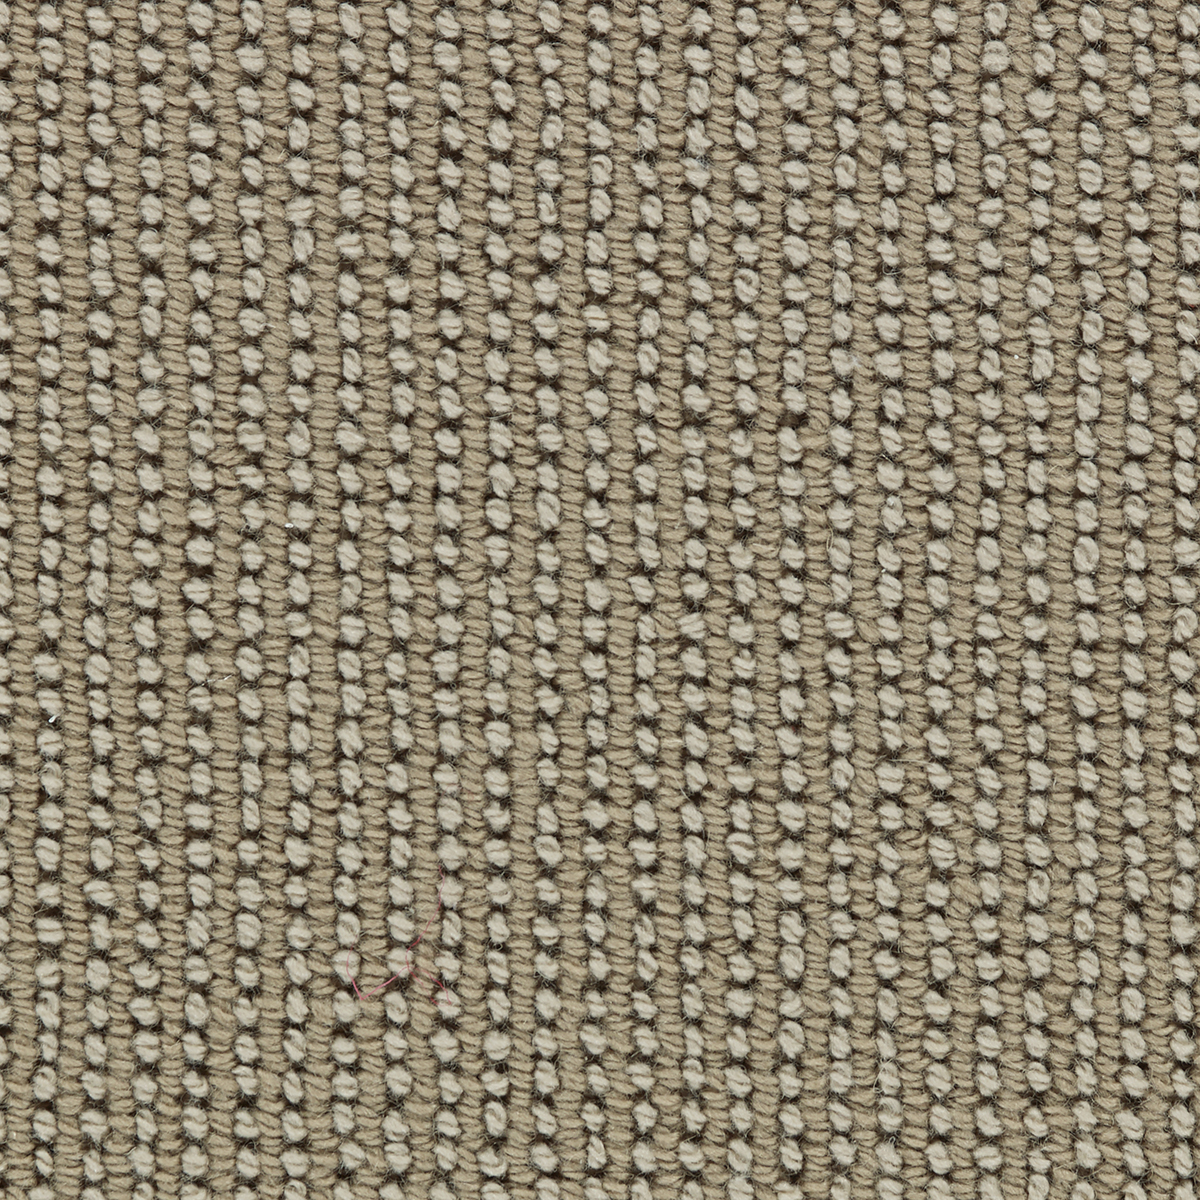 Cobblestone J Mish Mills Wool Carpet Rugs